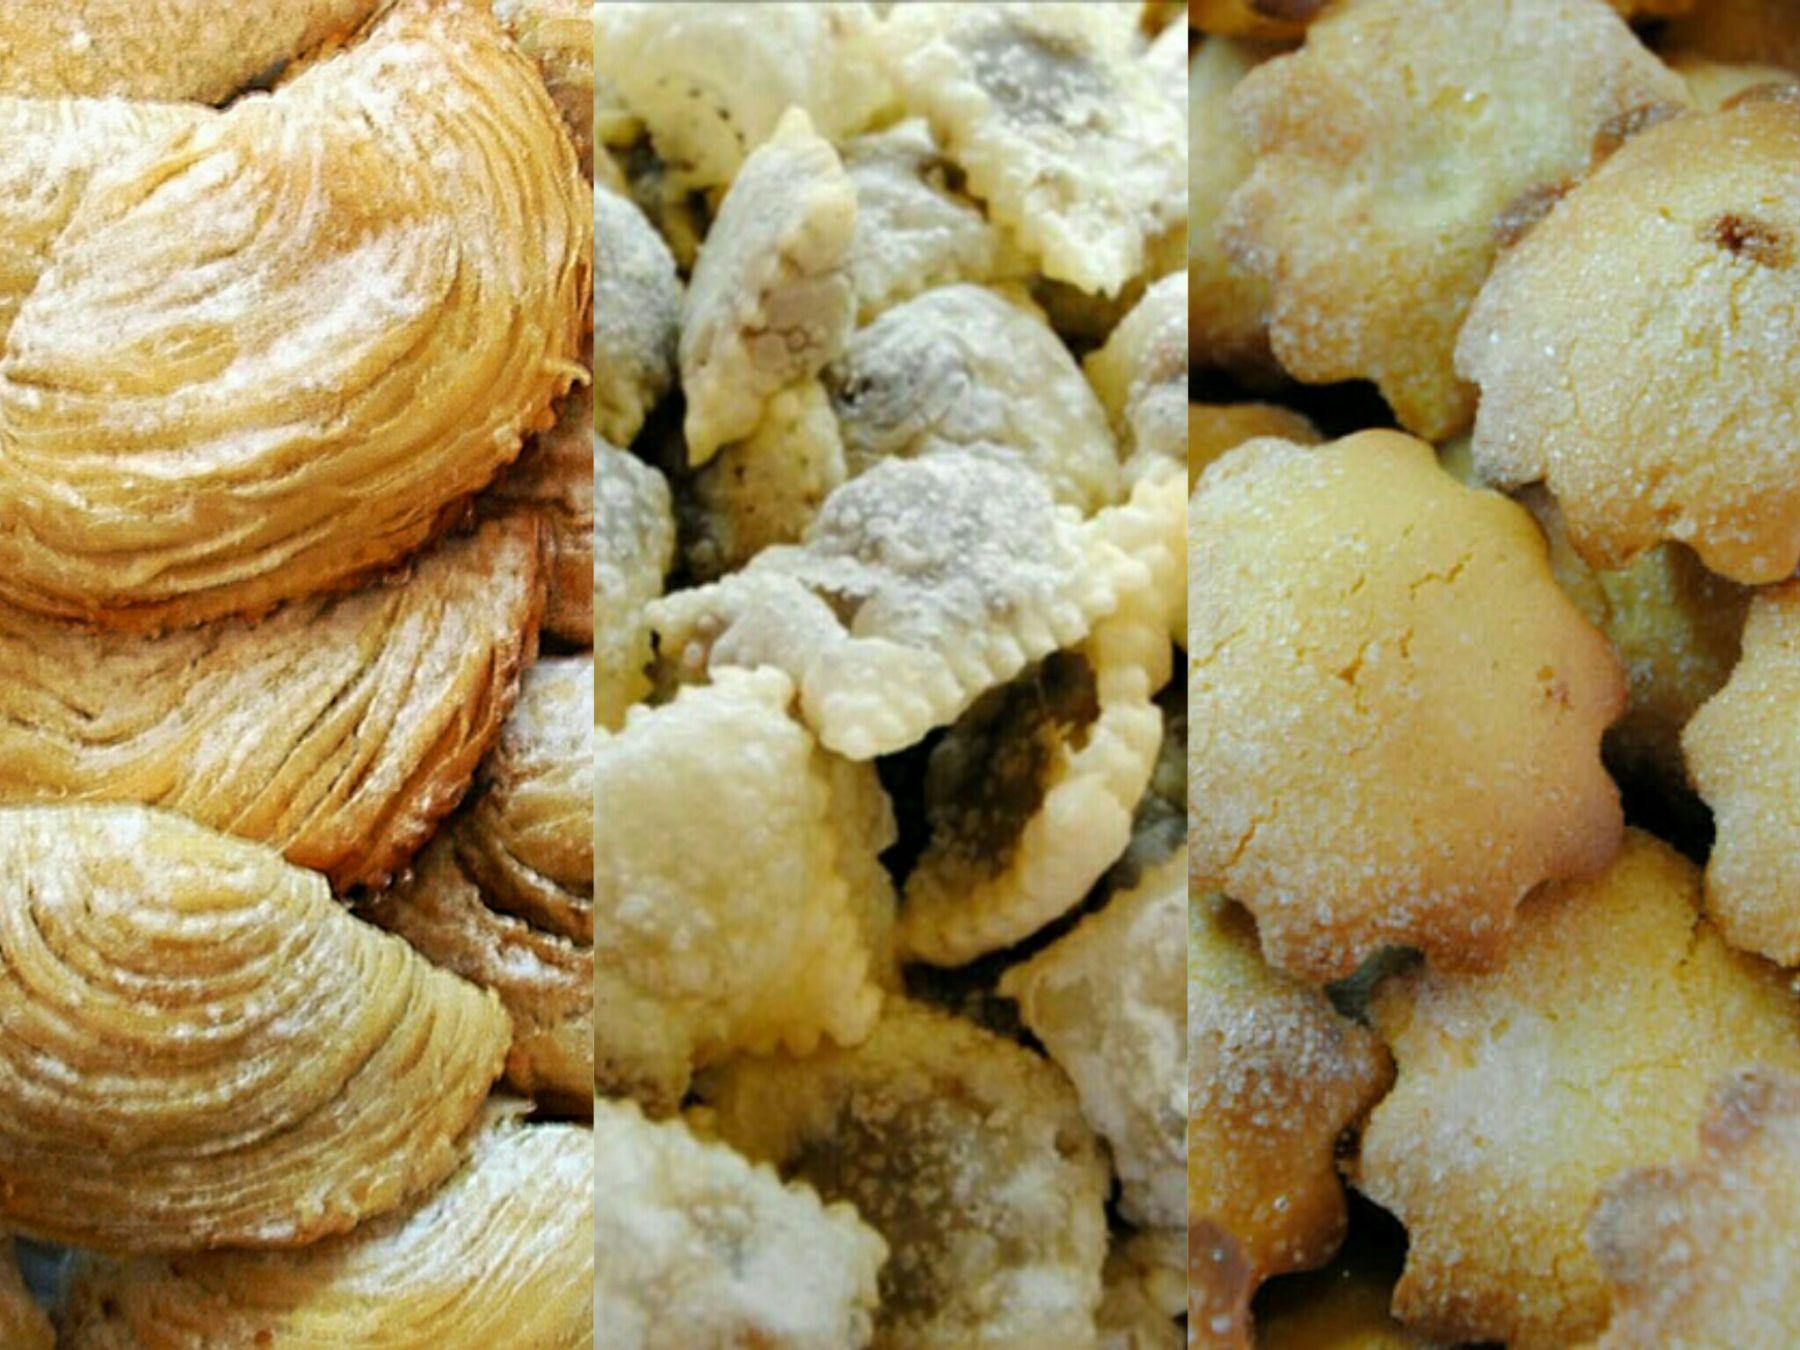 Dolci Abruzzesi Di Natale.I Tradizionali Dolci Di Natale In Abruzzo Tra Storia E